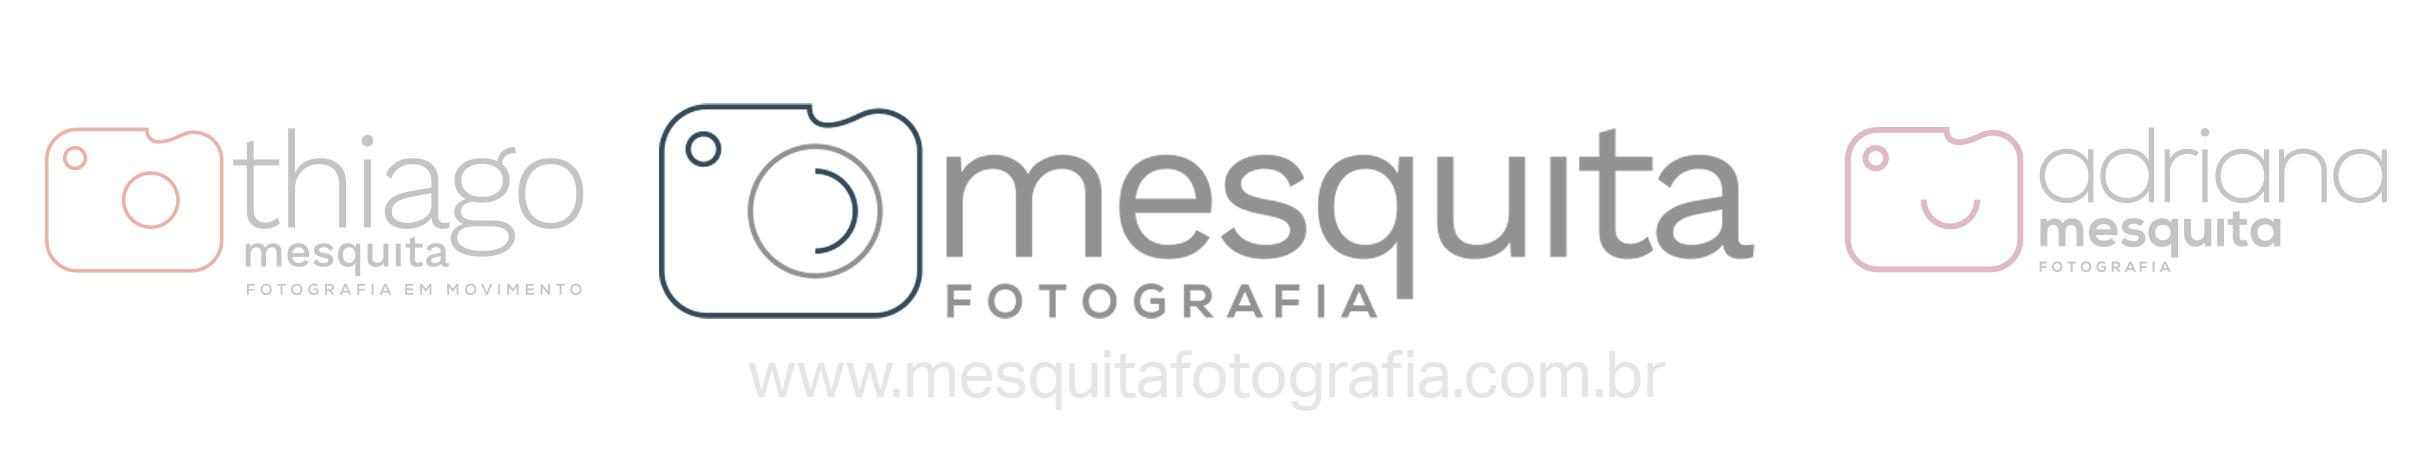 Contate Mesquita Fotografia - Referência em Foto de Parto/ Nascimento em Uberlândia